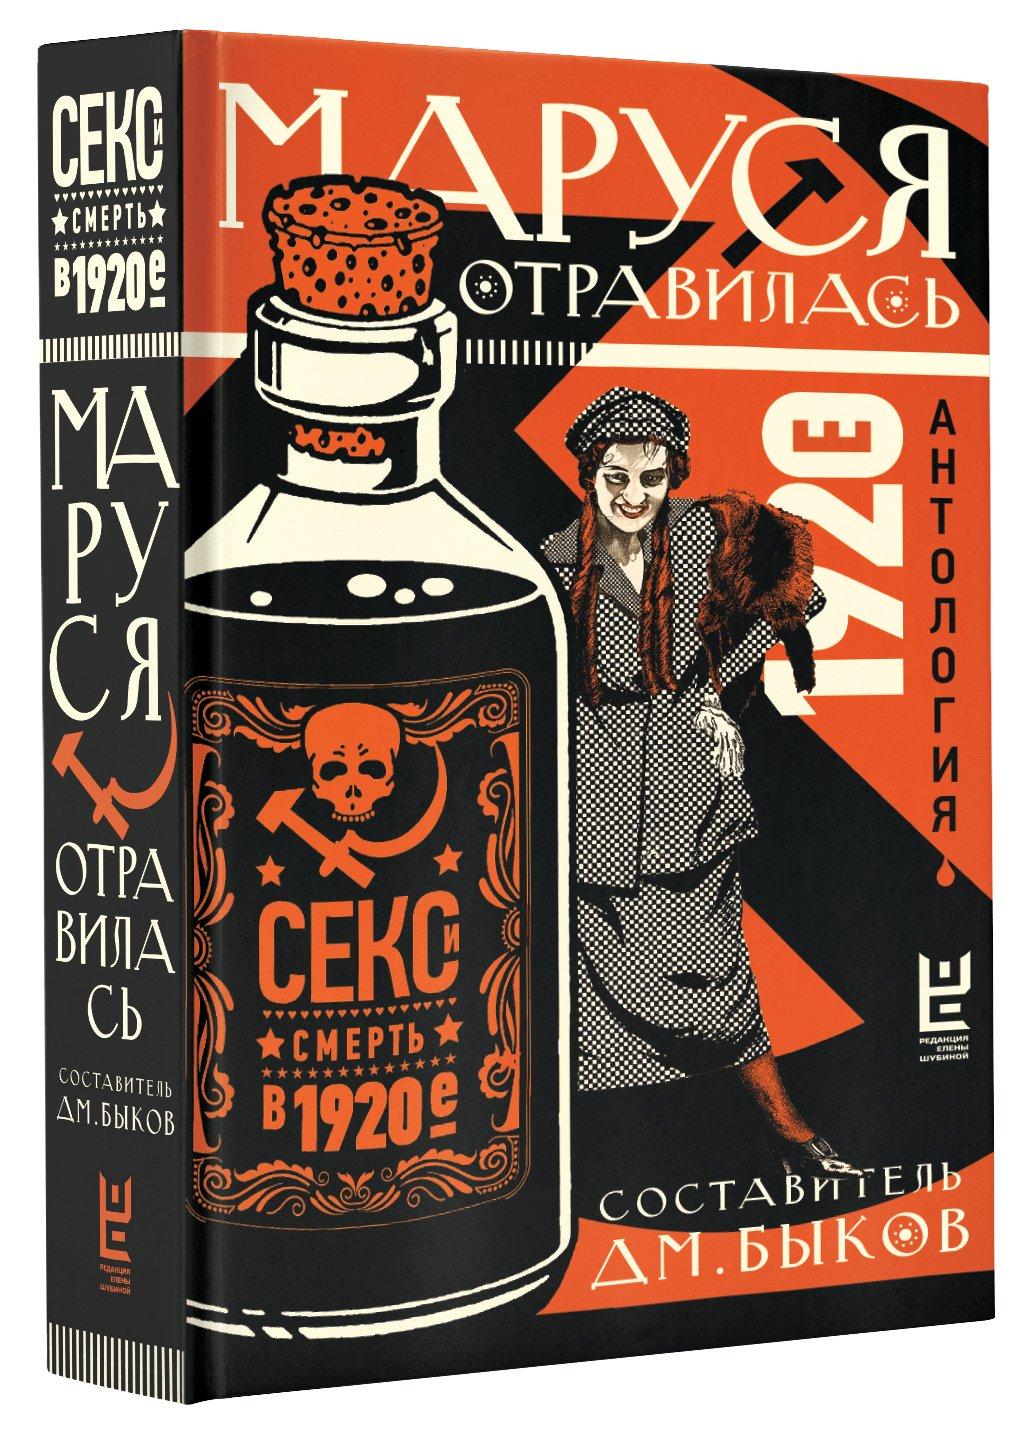 Быков Дмитрий Львович Маруся отравилась: секс и смерть в 1920-е [антология]